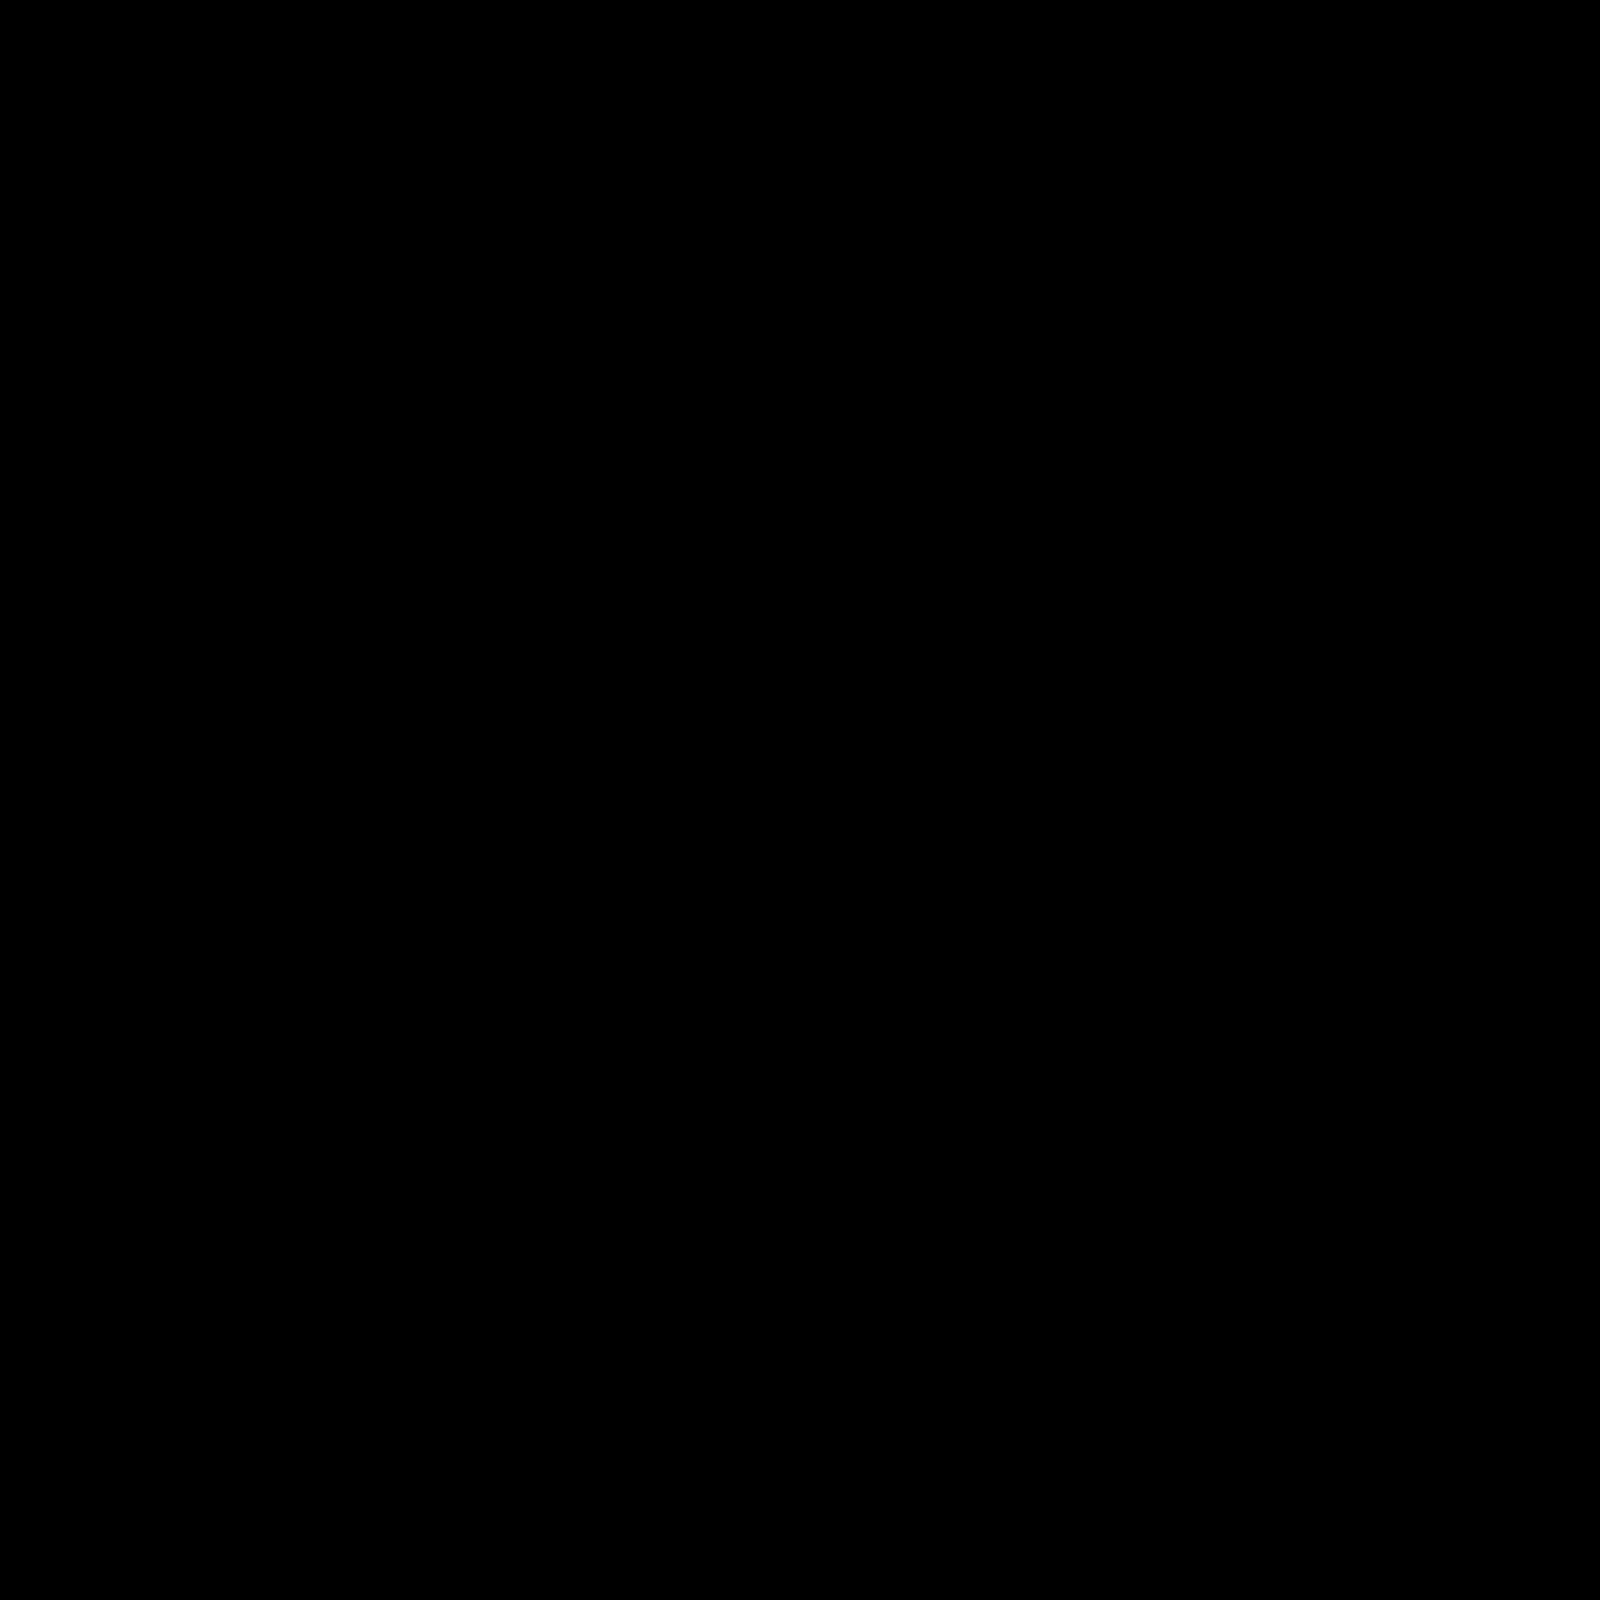 Siatka 3 icon